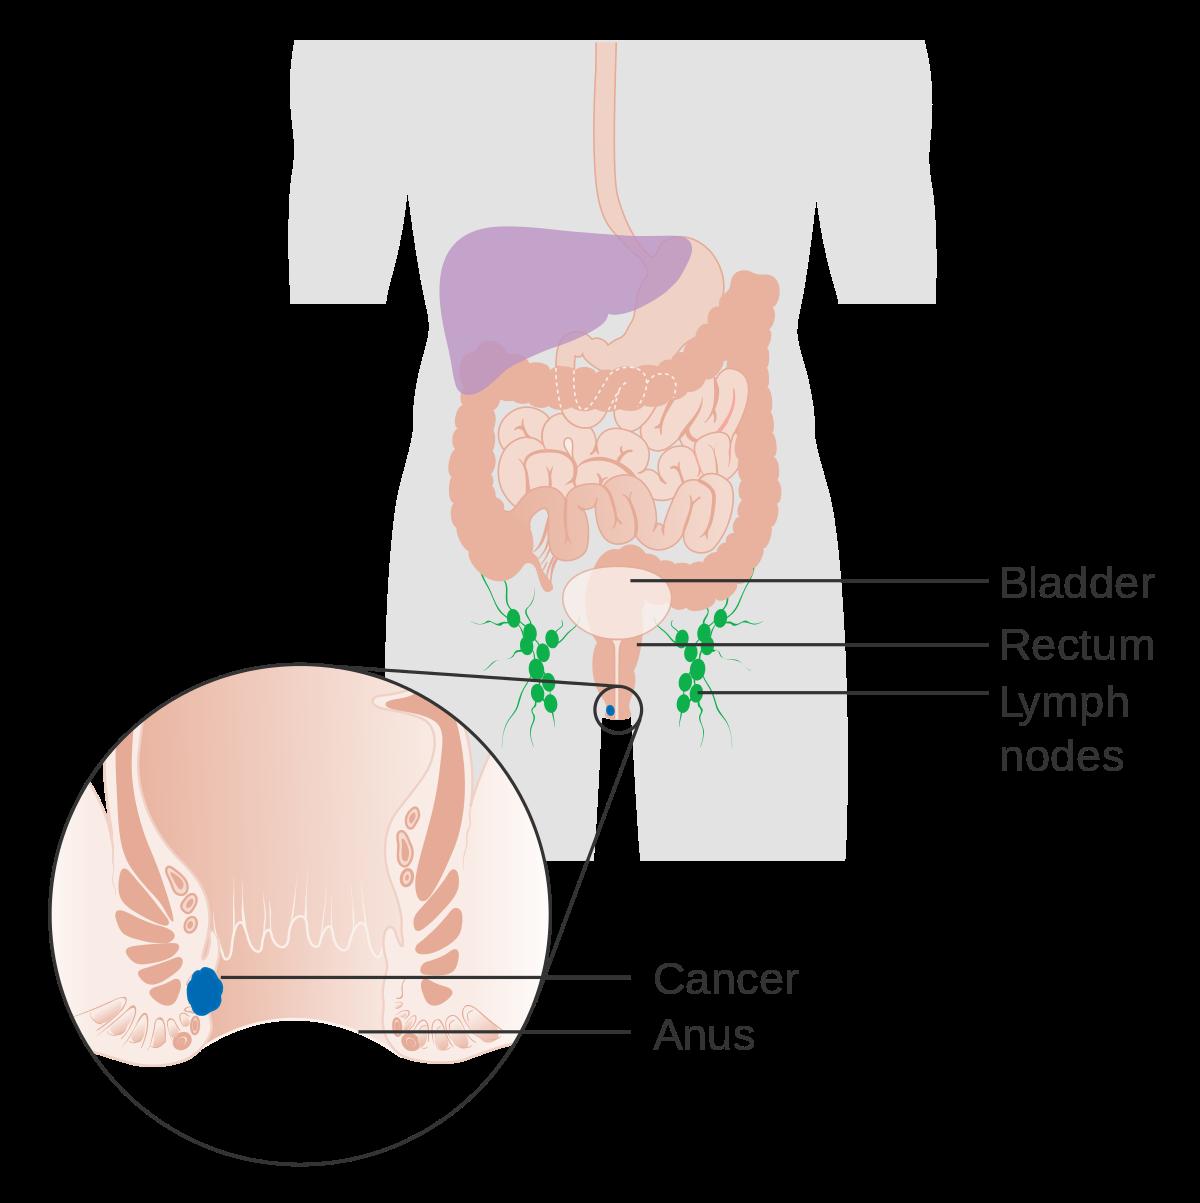 papillomaviridae ppt papilloma virus in german